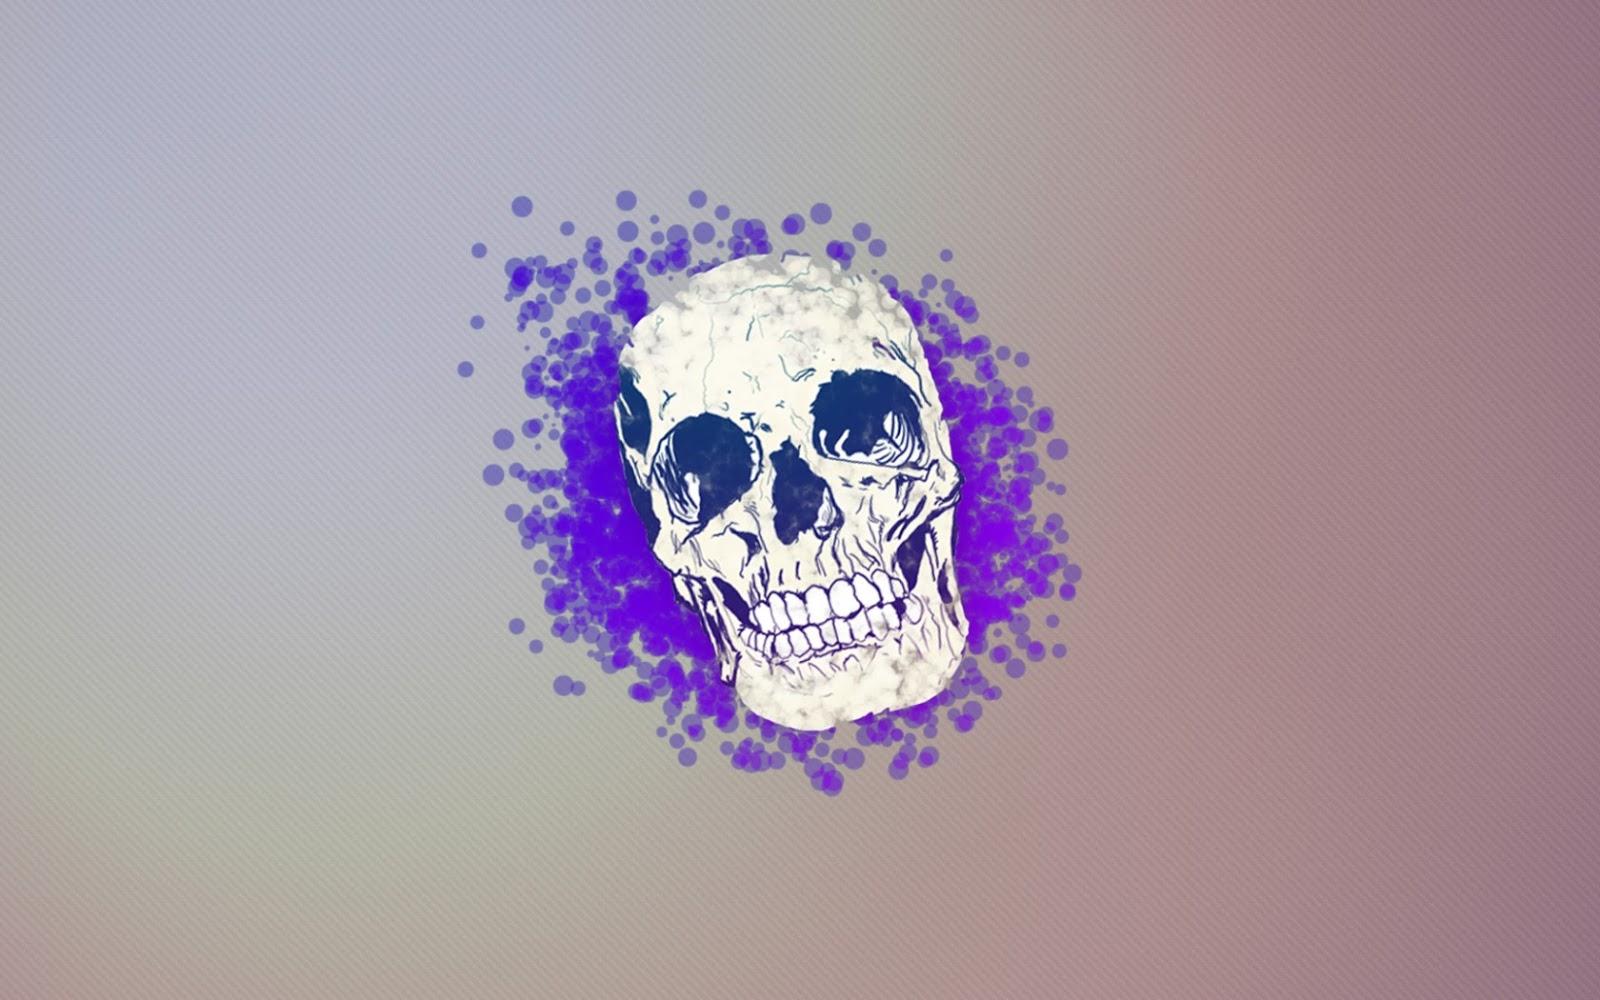 Skull HD Wallpapers   Fondos de Pantalla de Craneos 1600x1000